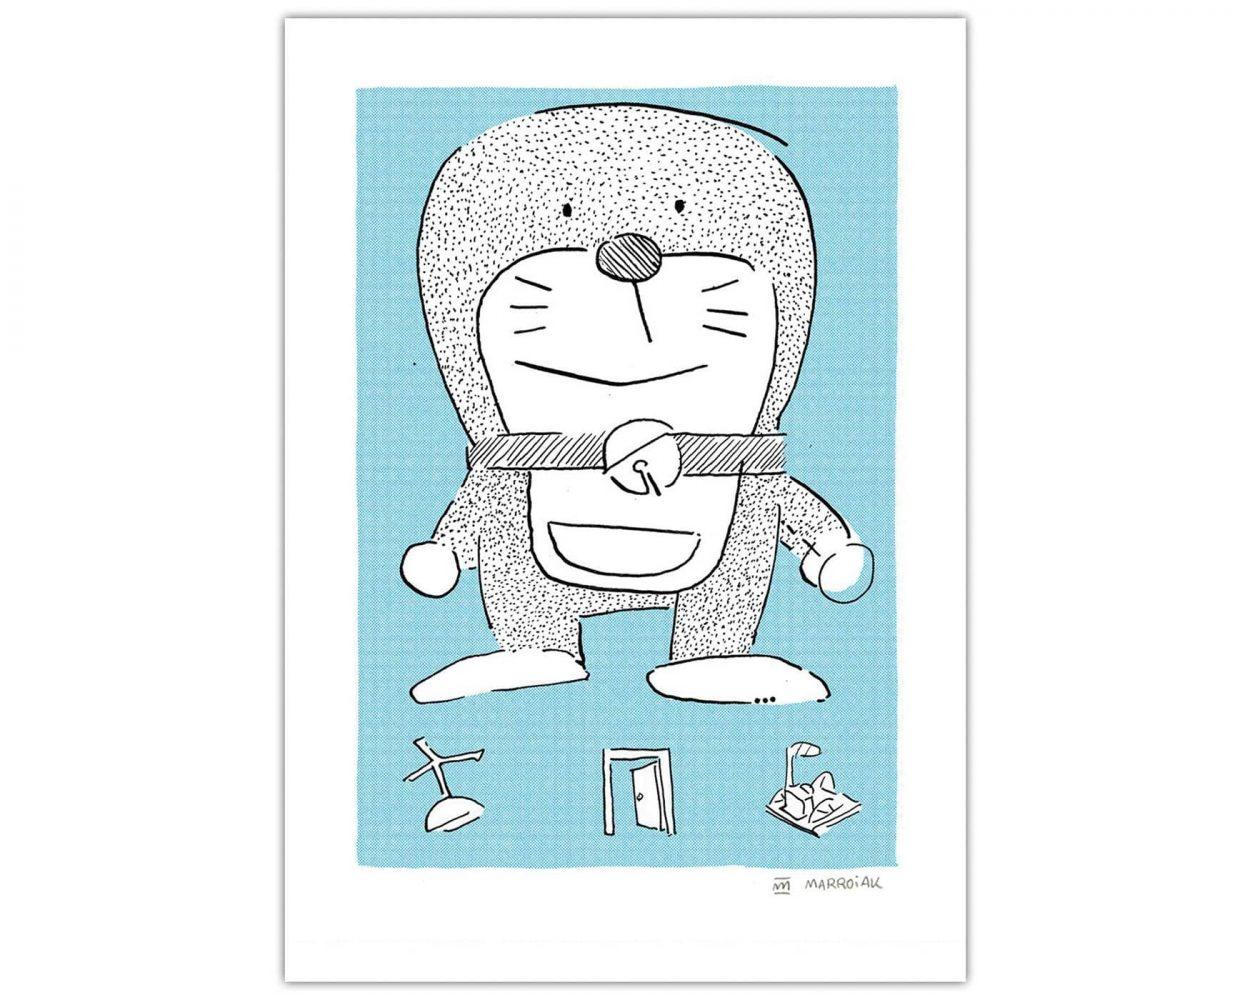 Lámina azul con un dibujo cutre de Doraemon